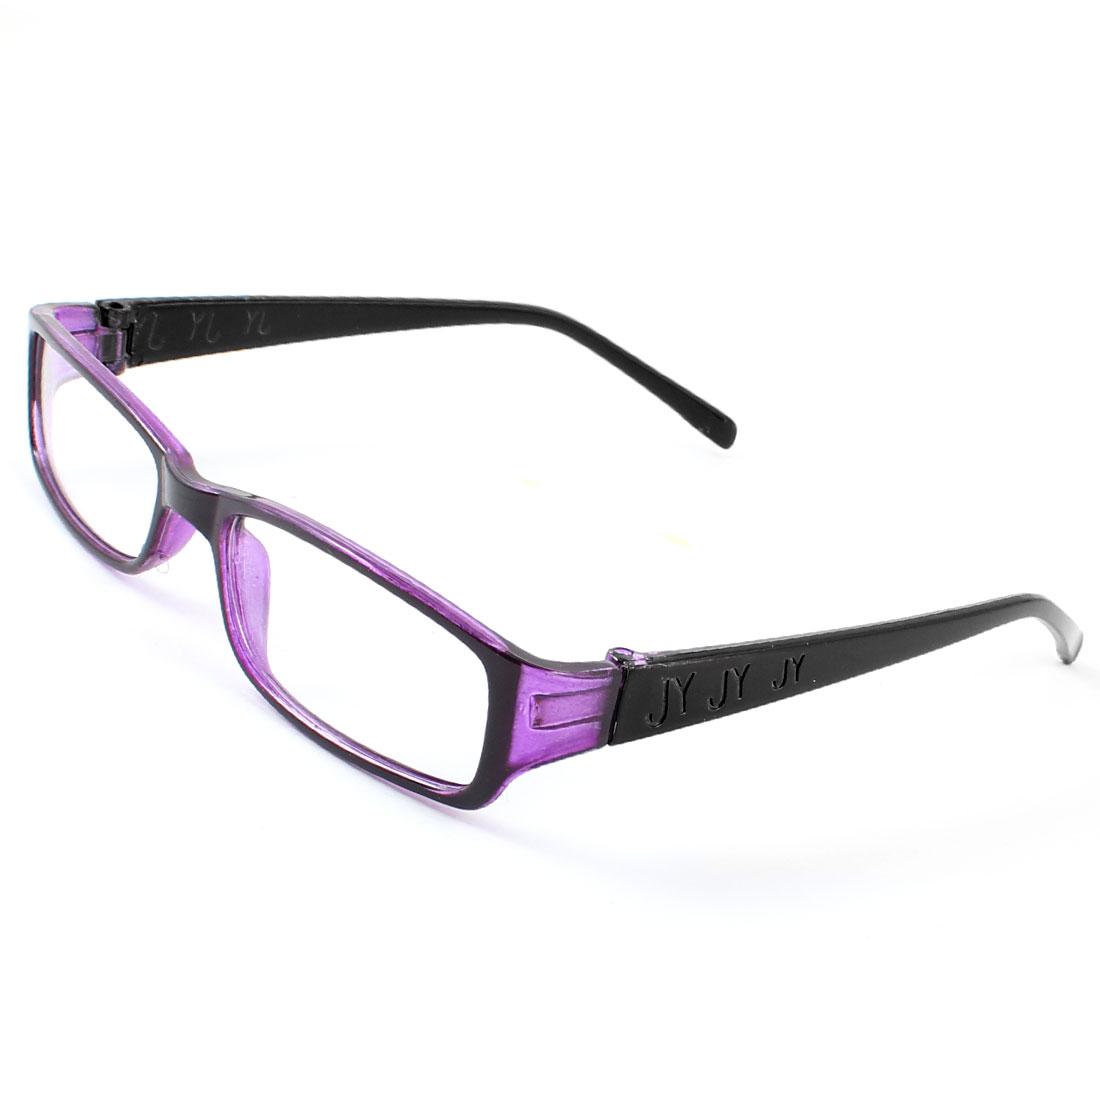 Black Purple Plastic Arm Clear Lens Plain Spectacles Glasses for Lady Woman